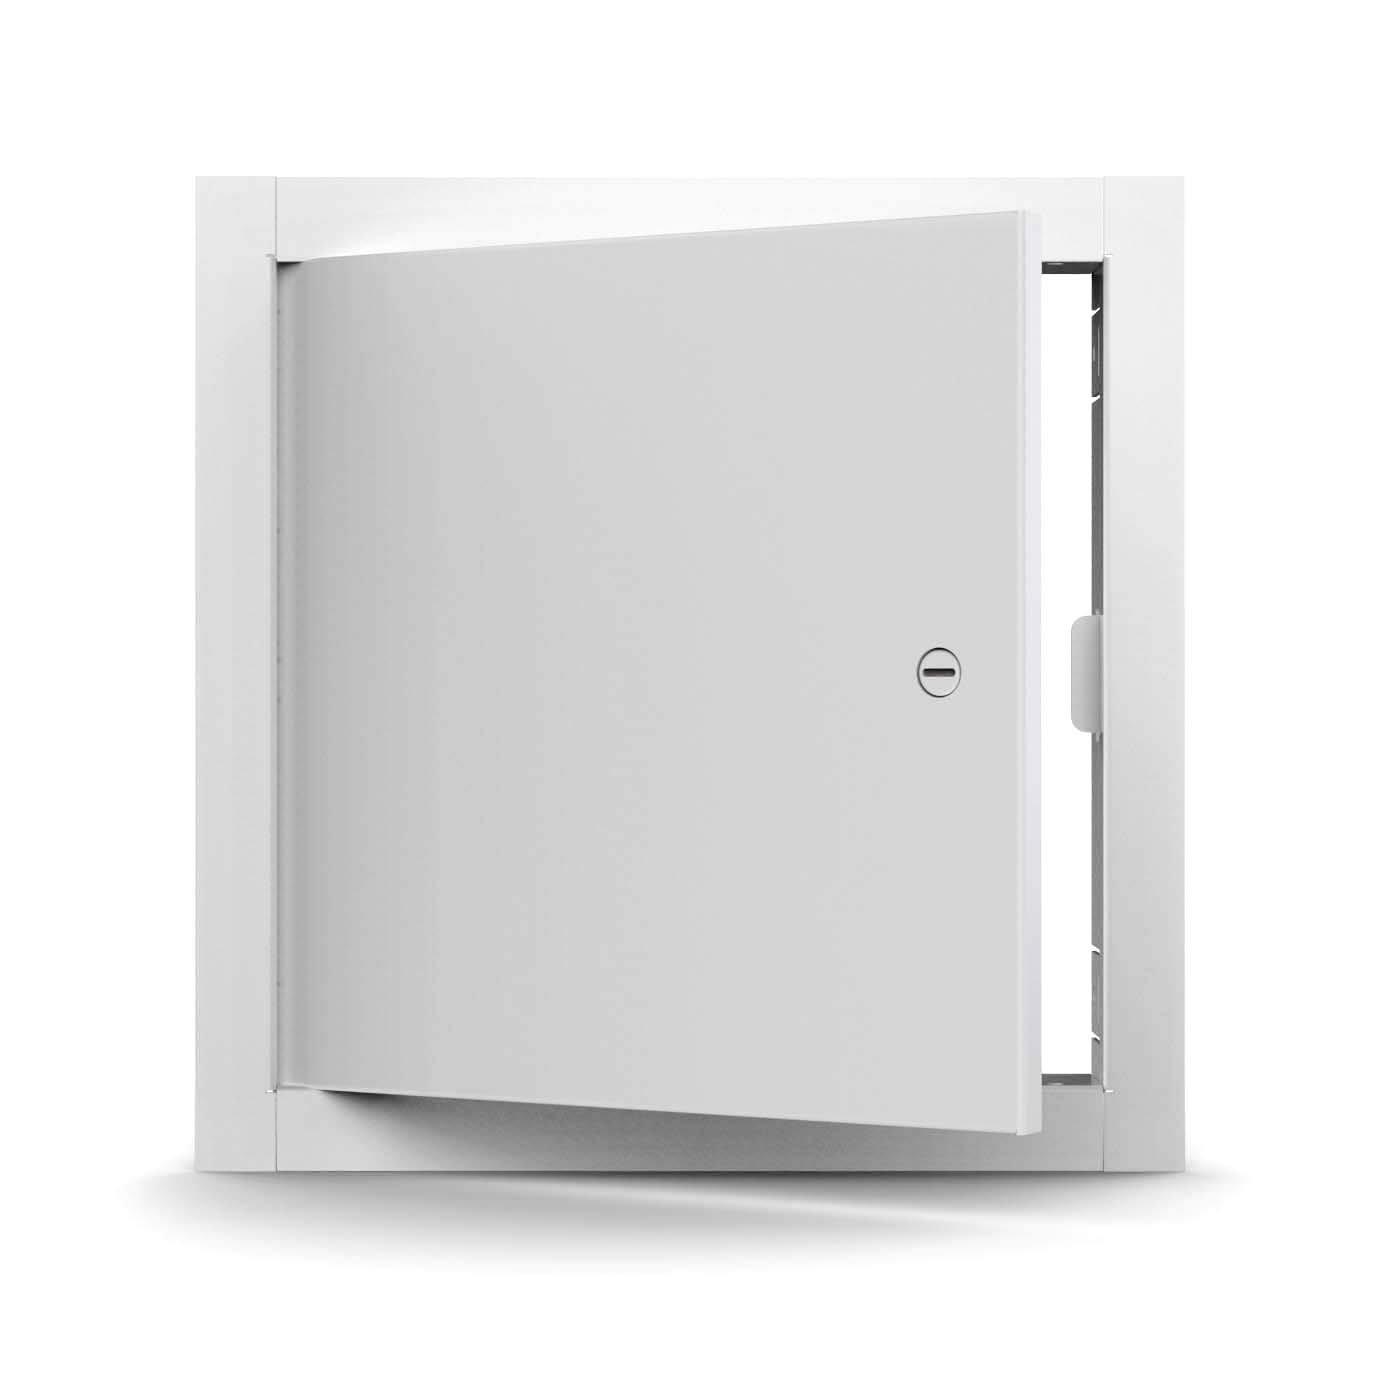 Acudor ED2020SCPC ED-2002 Metal Access Door 20 x 20, 22'' Height